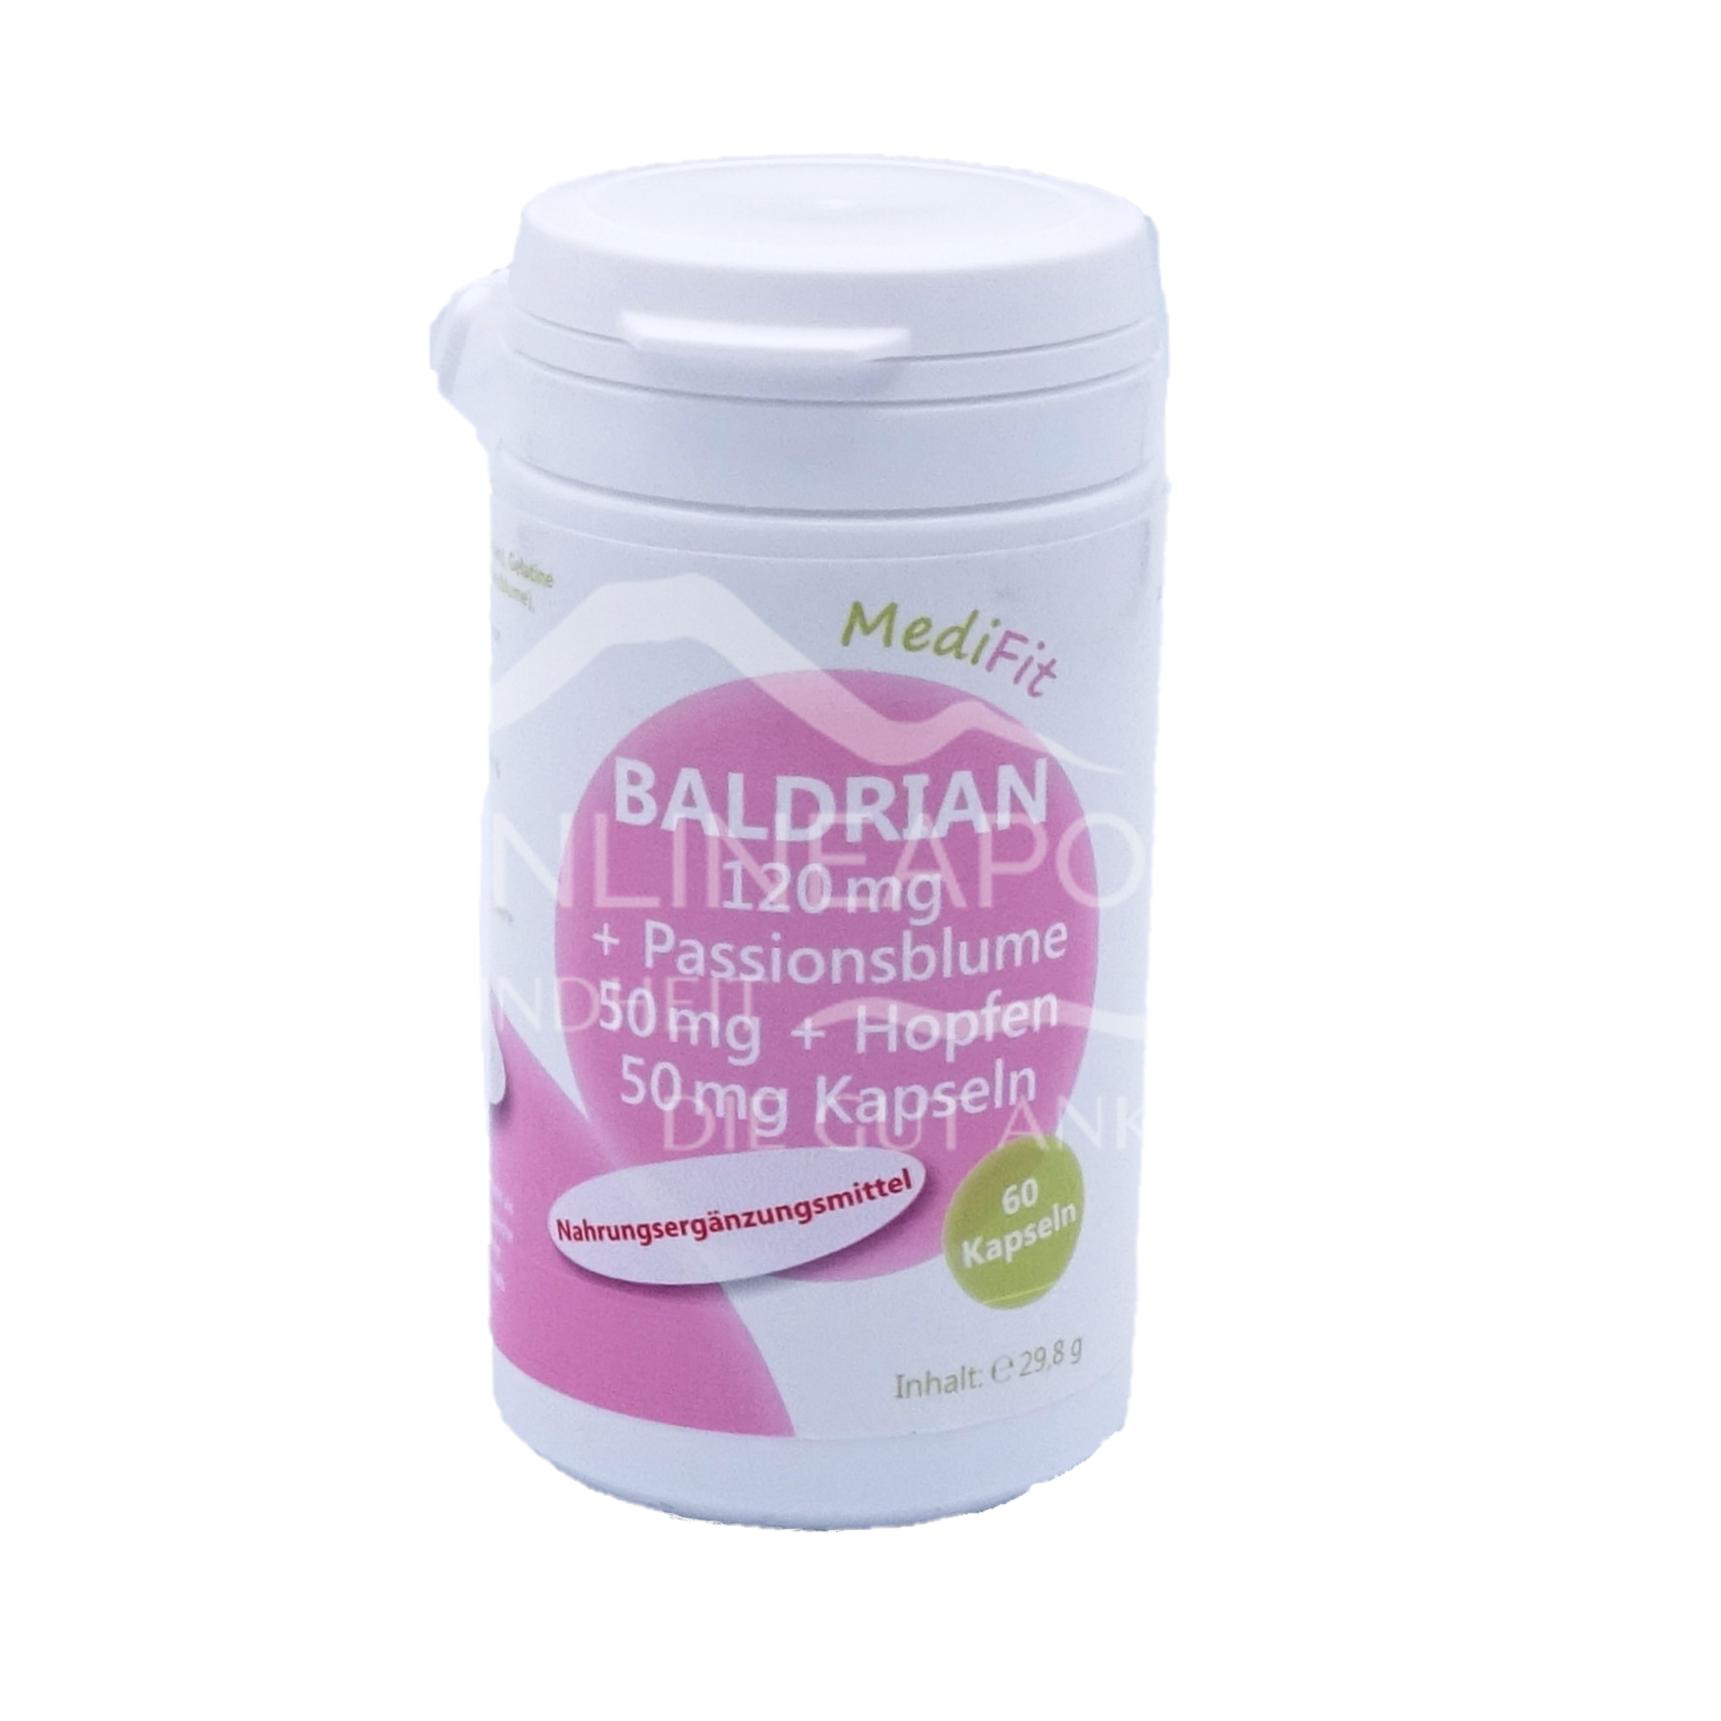 Baldrian 120 mg + Passionsblume 50 mg + Hopfen 50 mg Kapseln